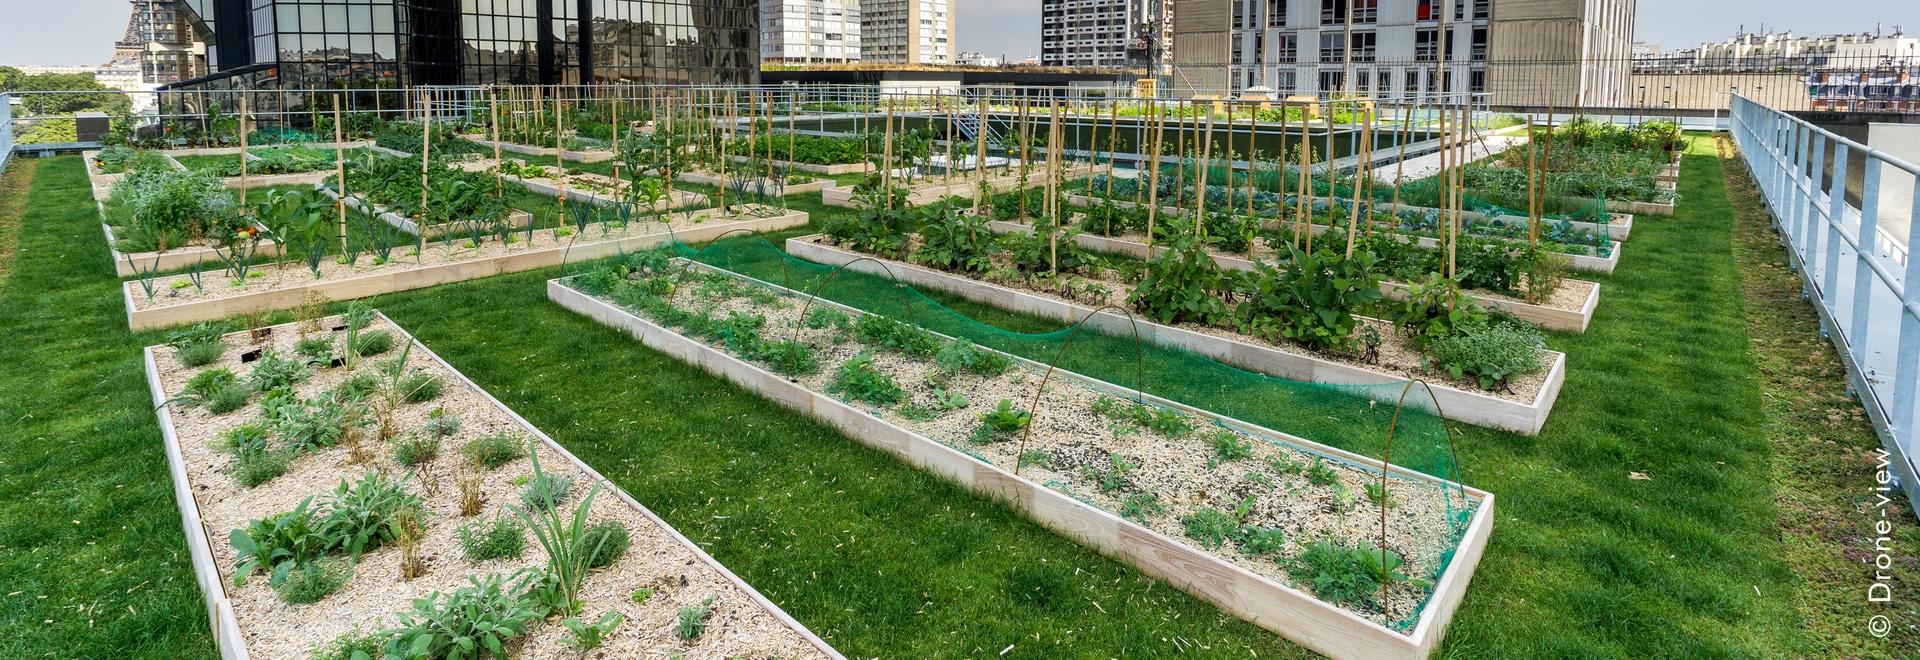 Le jardin de toit agricole urbain sur le dessus de toit du «cordon bleu de le» à Paris